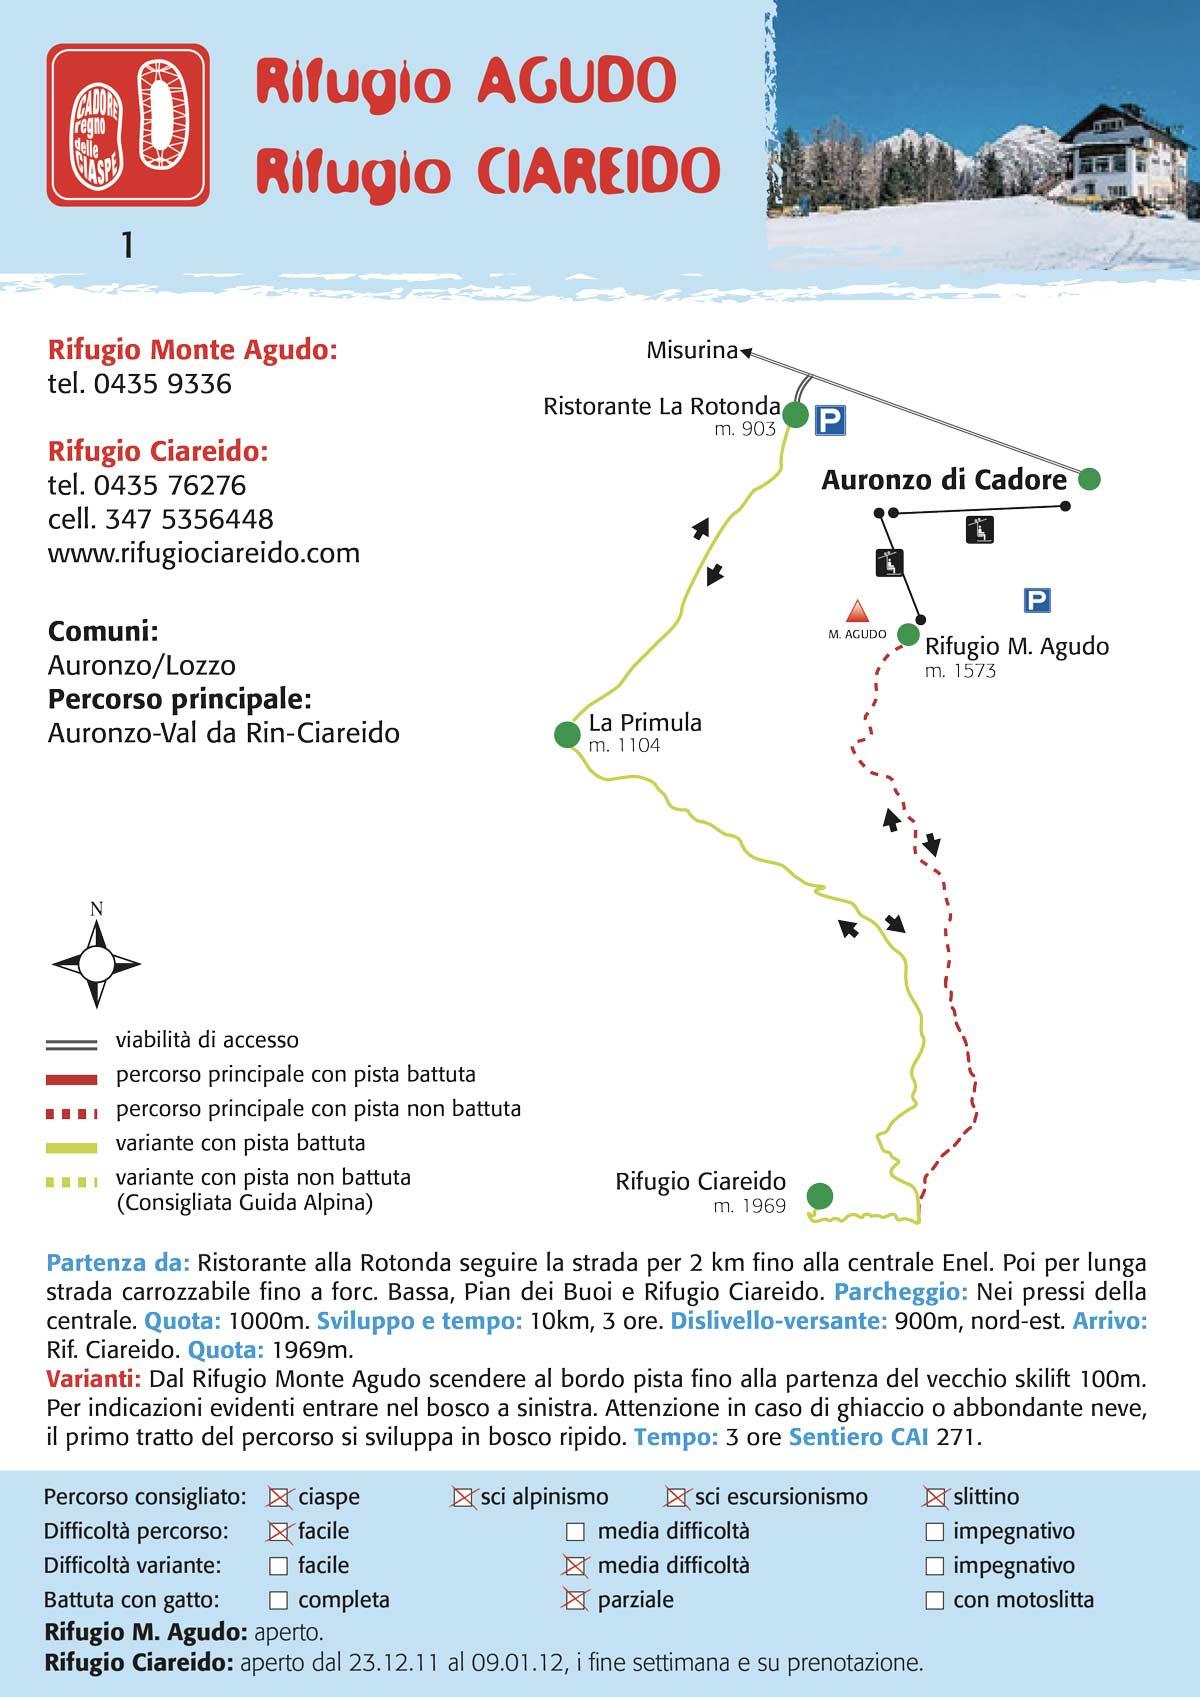 Rifugio Monte Agudo - Rifugio Ciareiodo | Percorso per ciaspe, slittino, scialpinismo